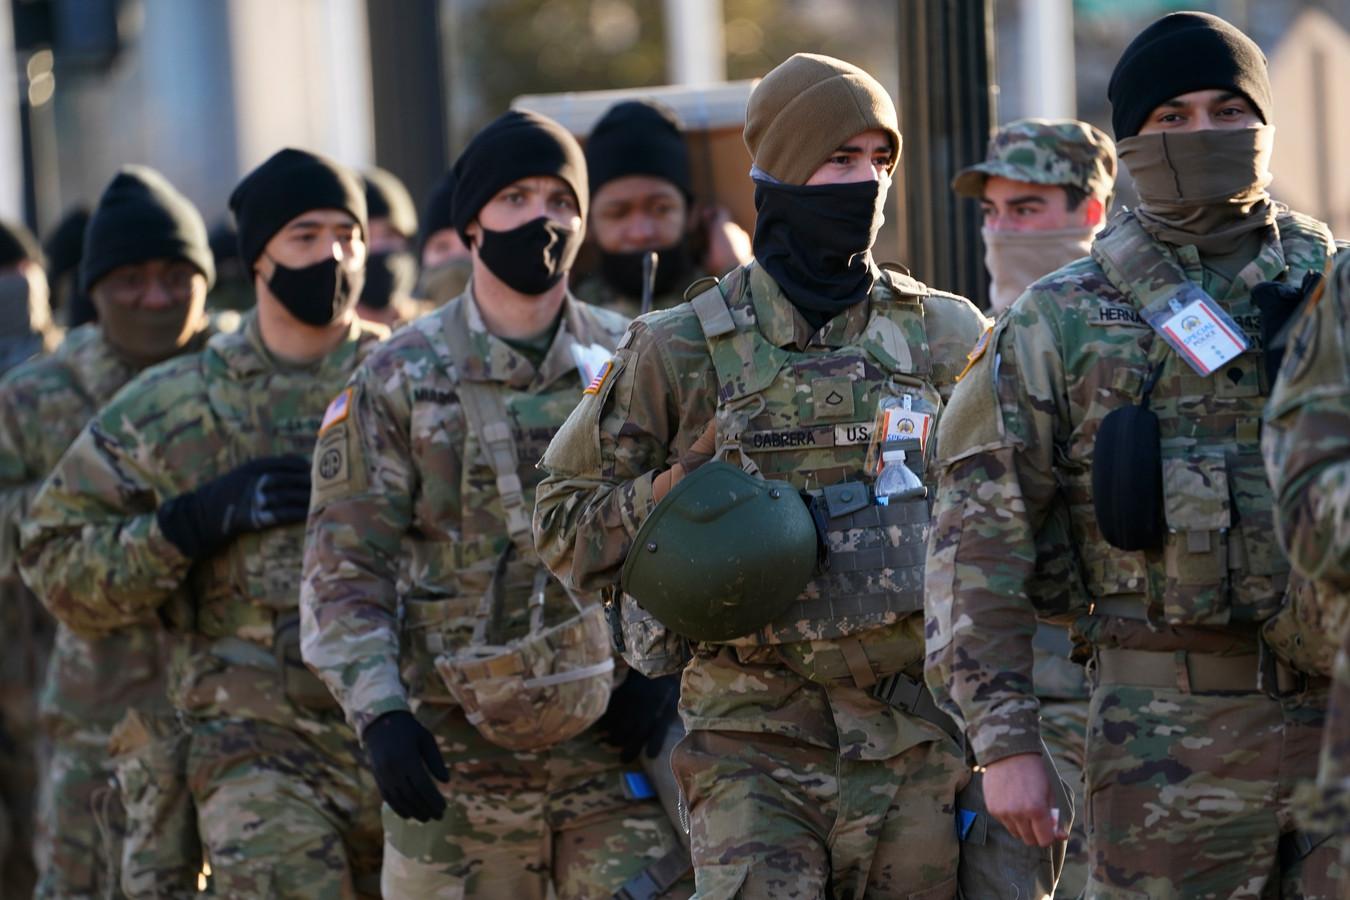 Des soldats de la Garde nationale à Washington, ce 20 janvier.